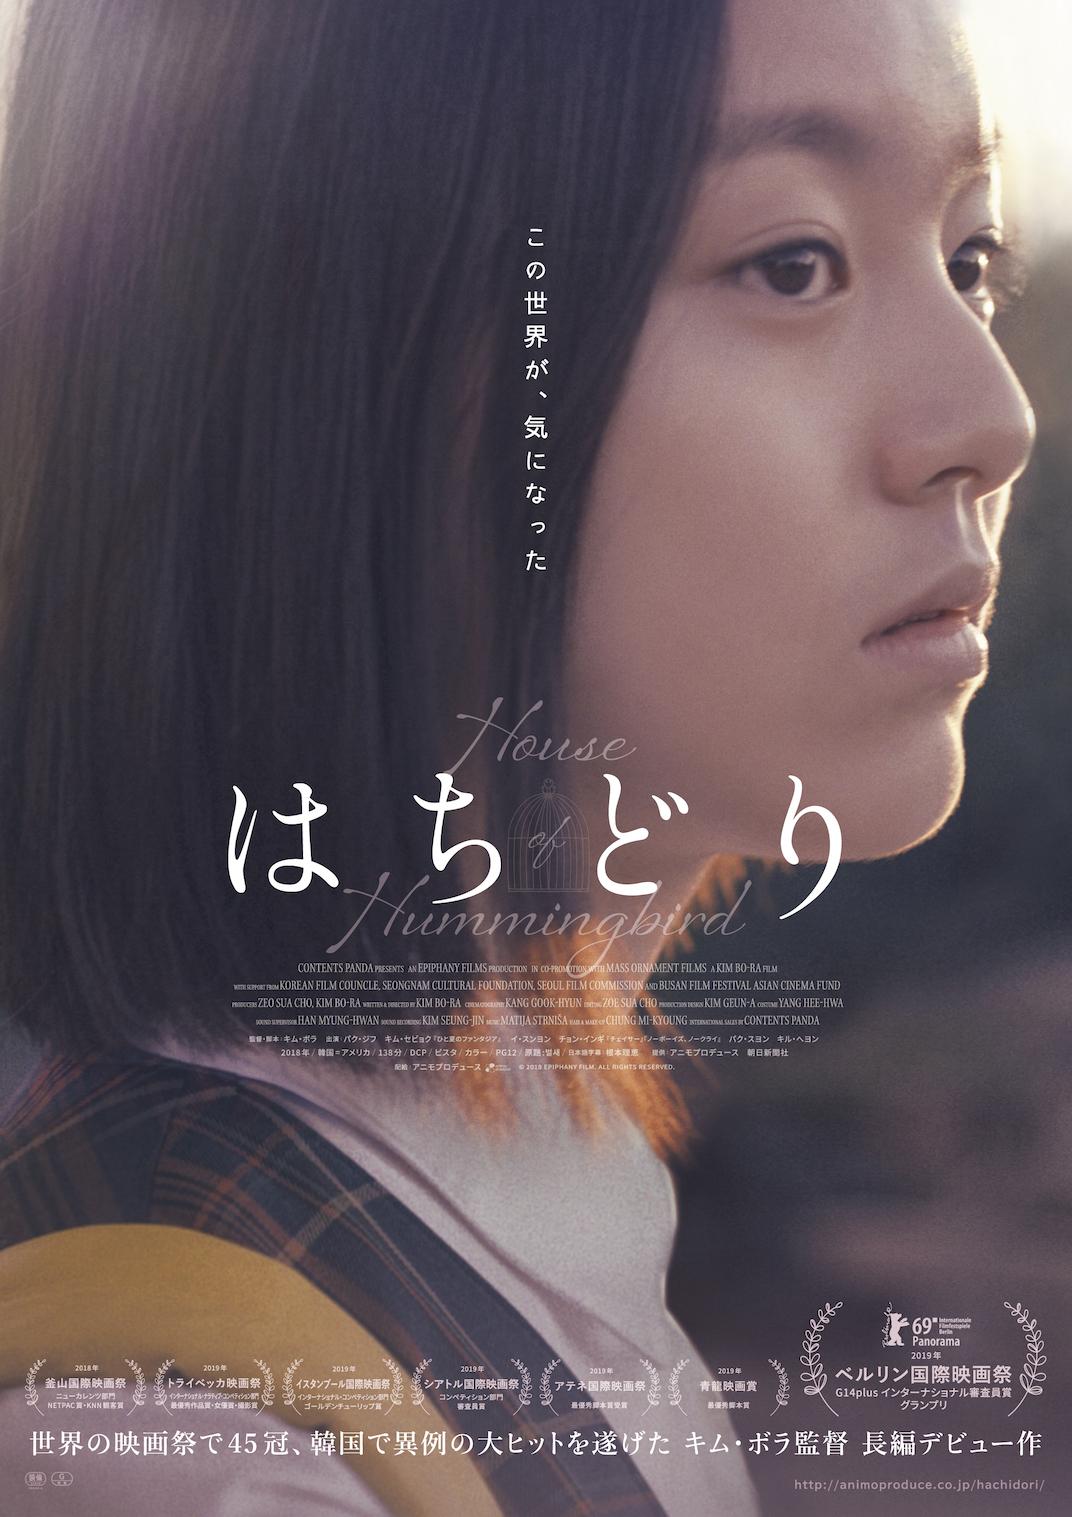 映画 渋谷 パラサイト 映画『パラサイト』のジャージャーラーメン(チャパグリ)を作る